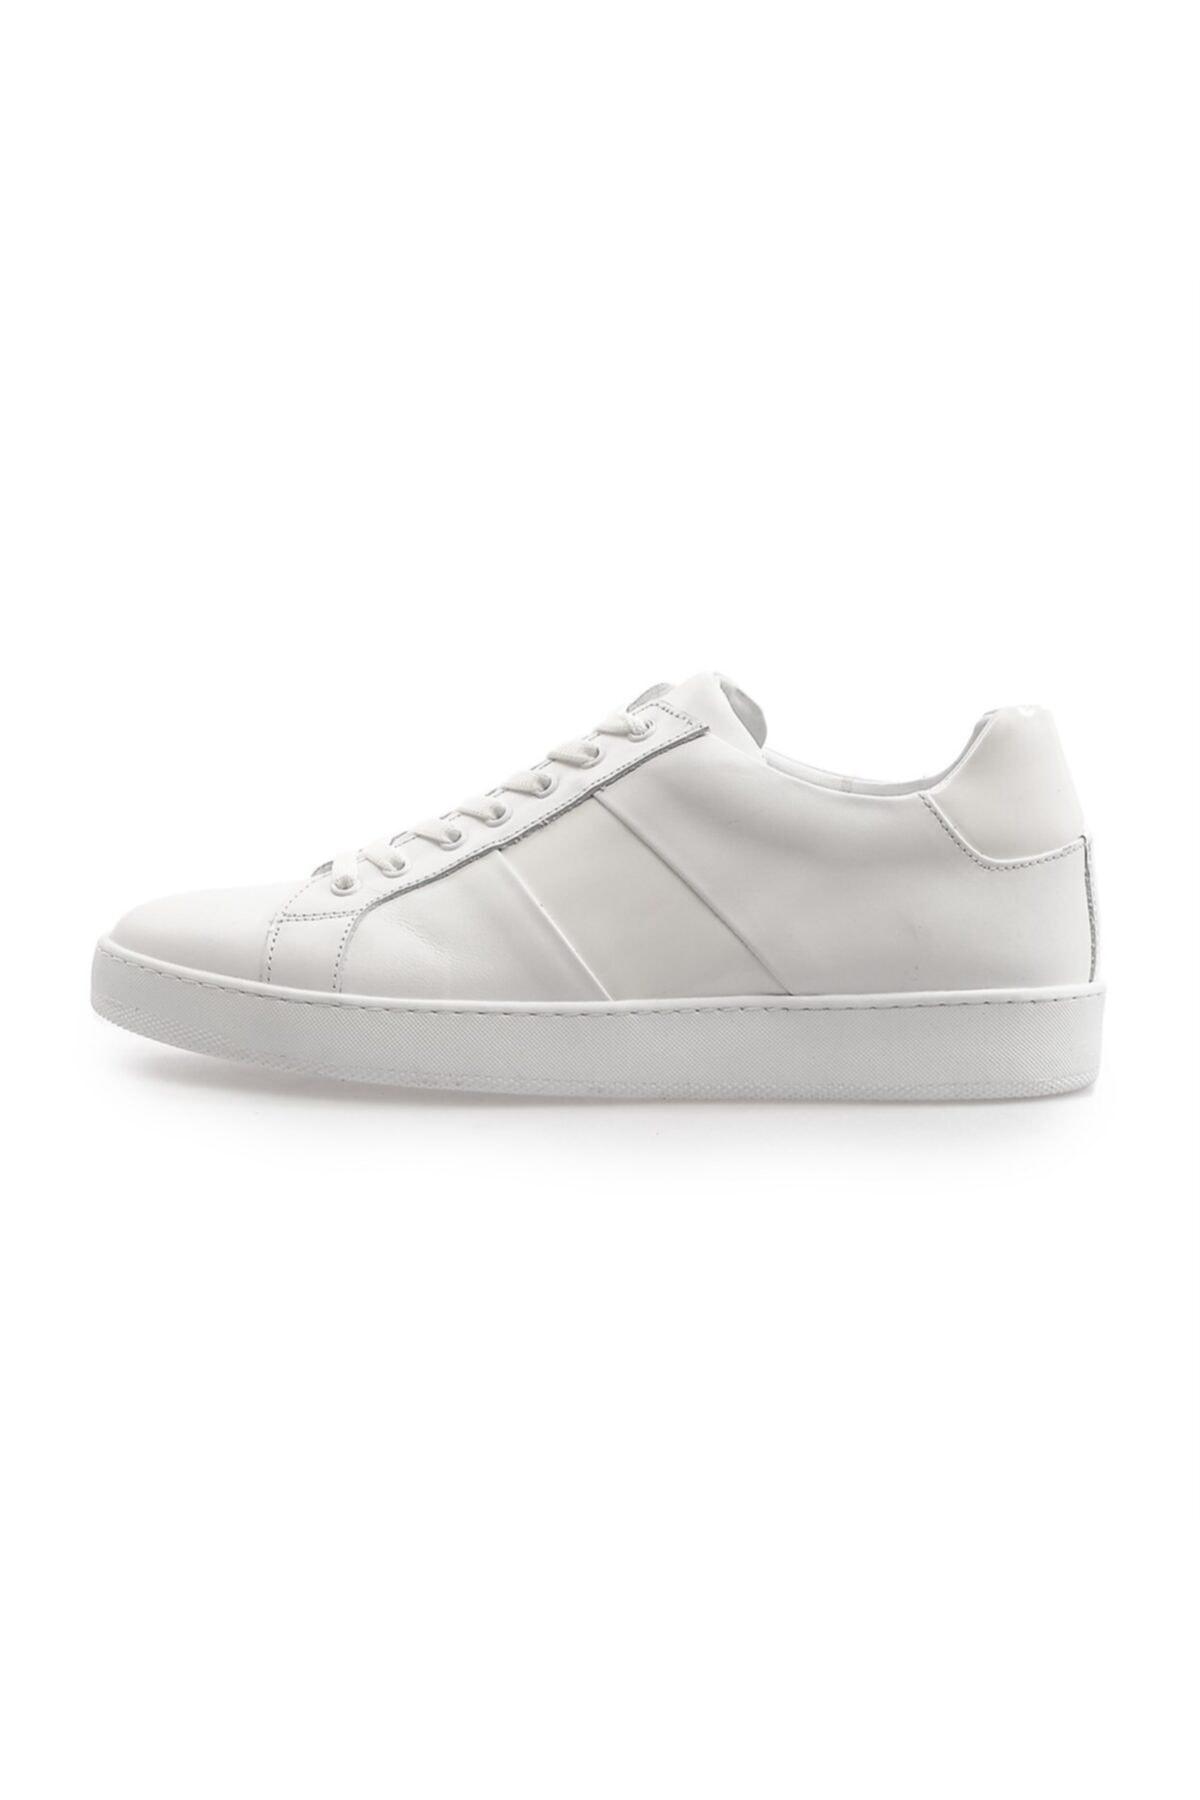 Flower Beyaz Deri Bağcıklı Erkek Sneakers 1